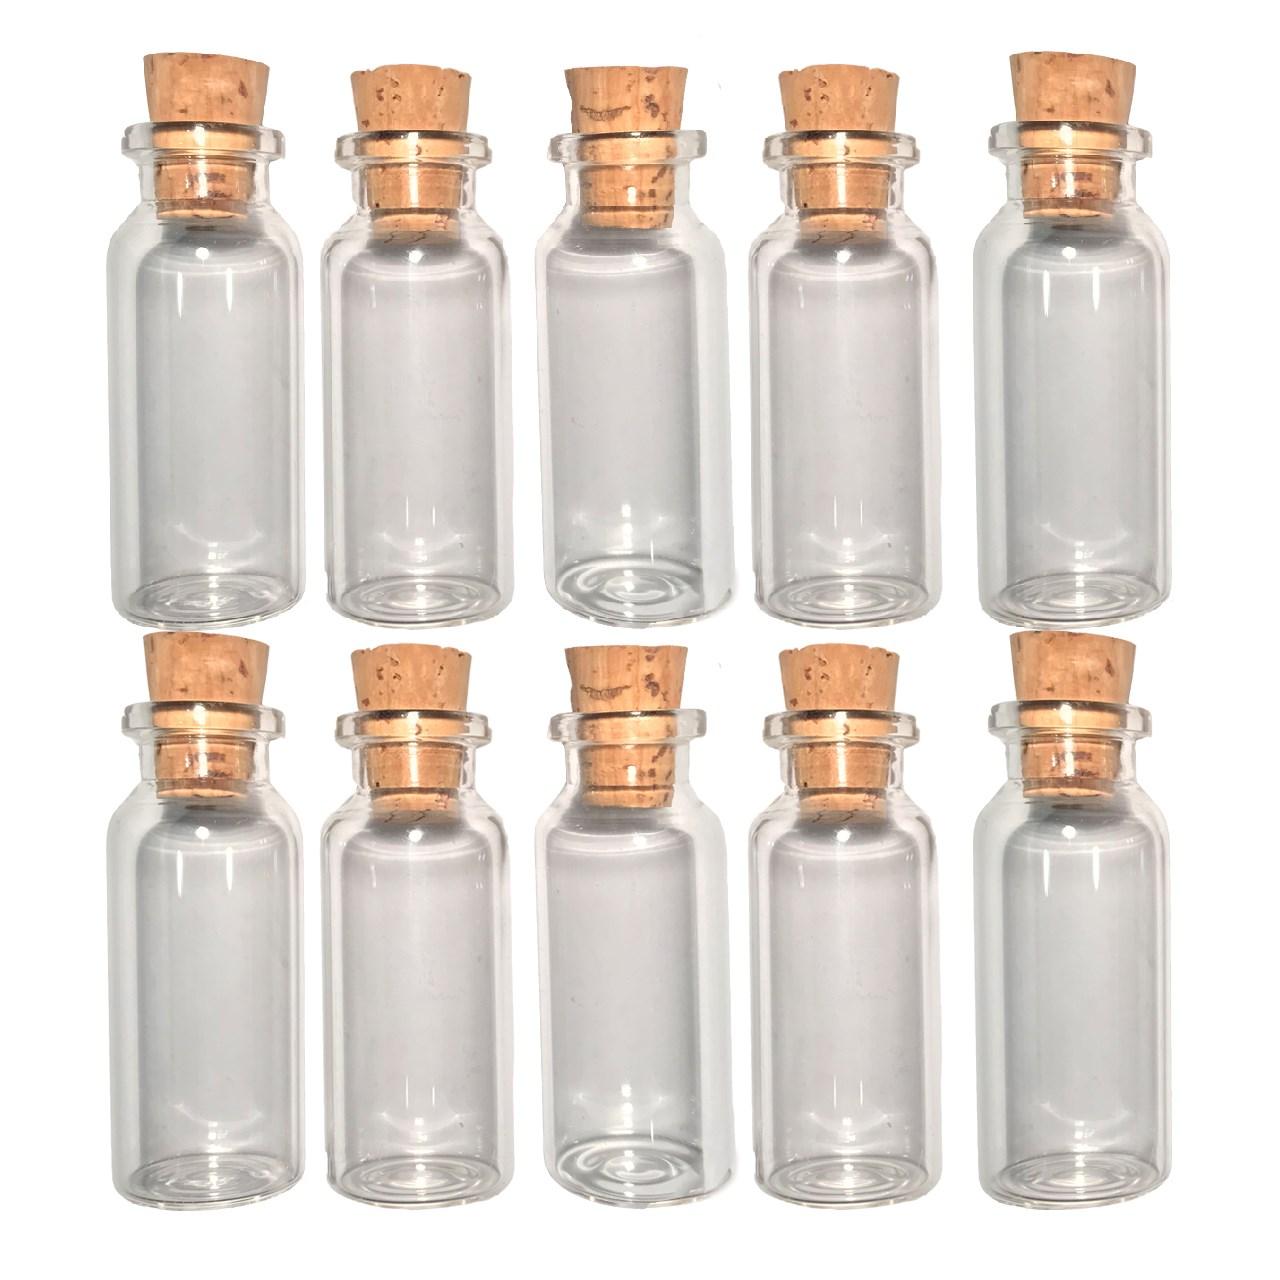 بطری با درب چوب پنبه مدل 15 سی سی - بسته 10 عددی